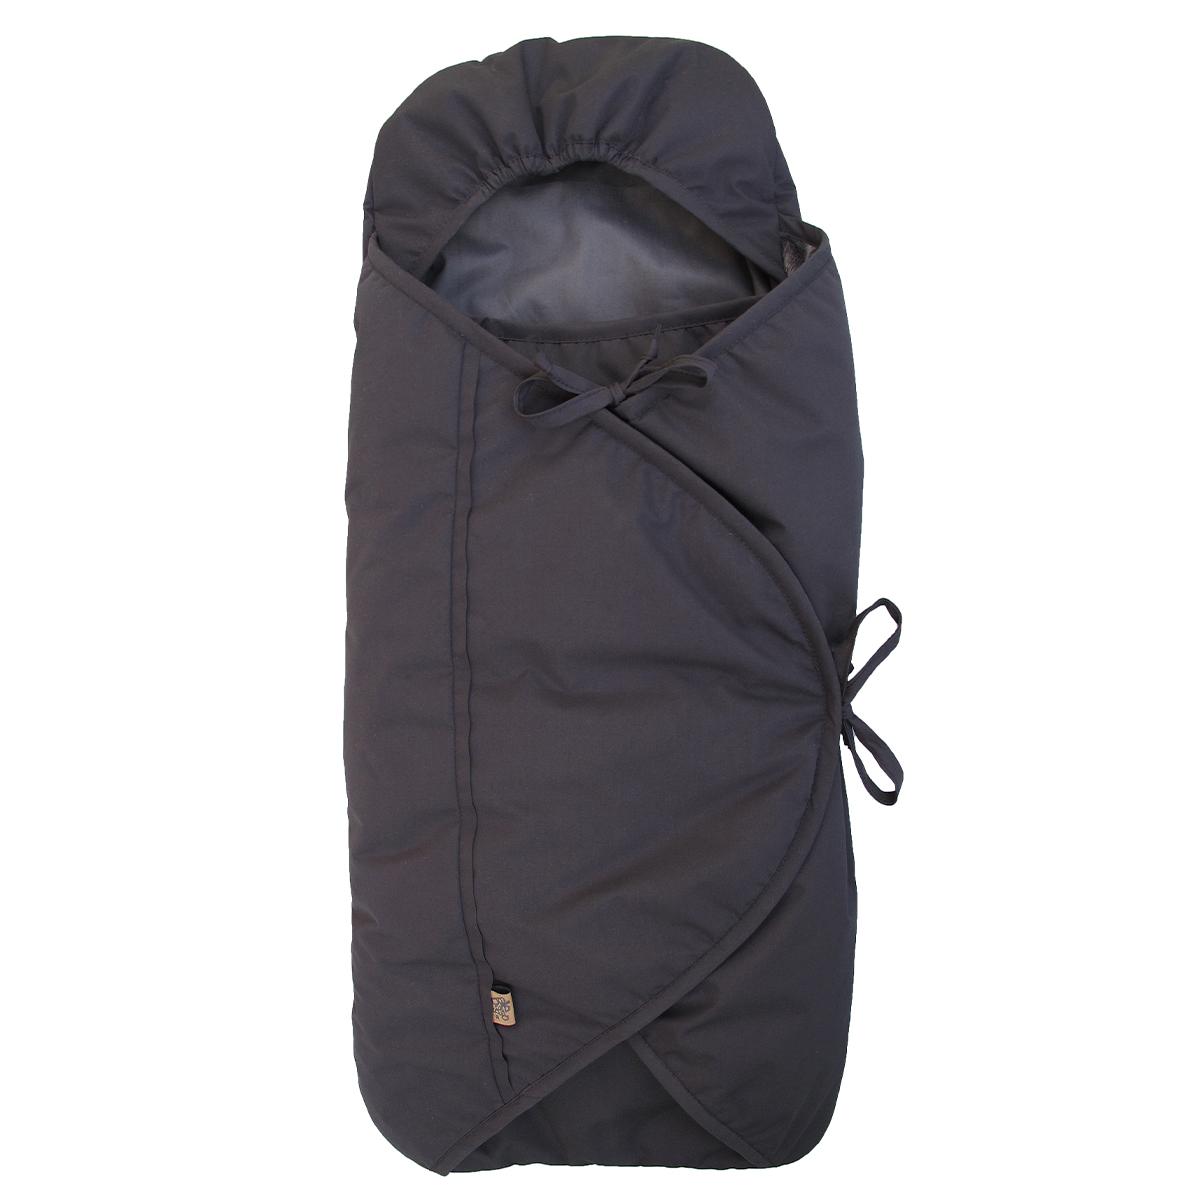 Image of   Sleepbag kørepose til autostolen - Bycar - Sort/grå